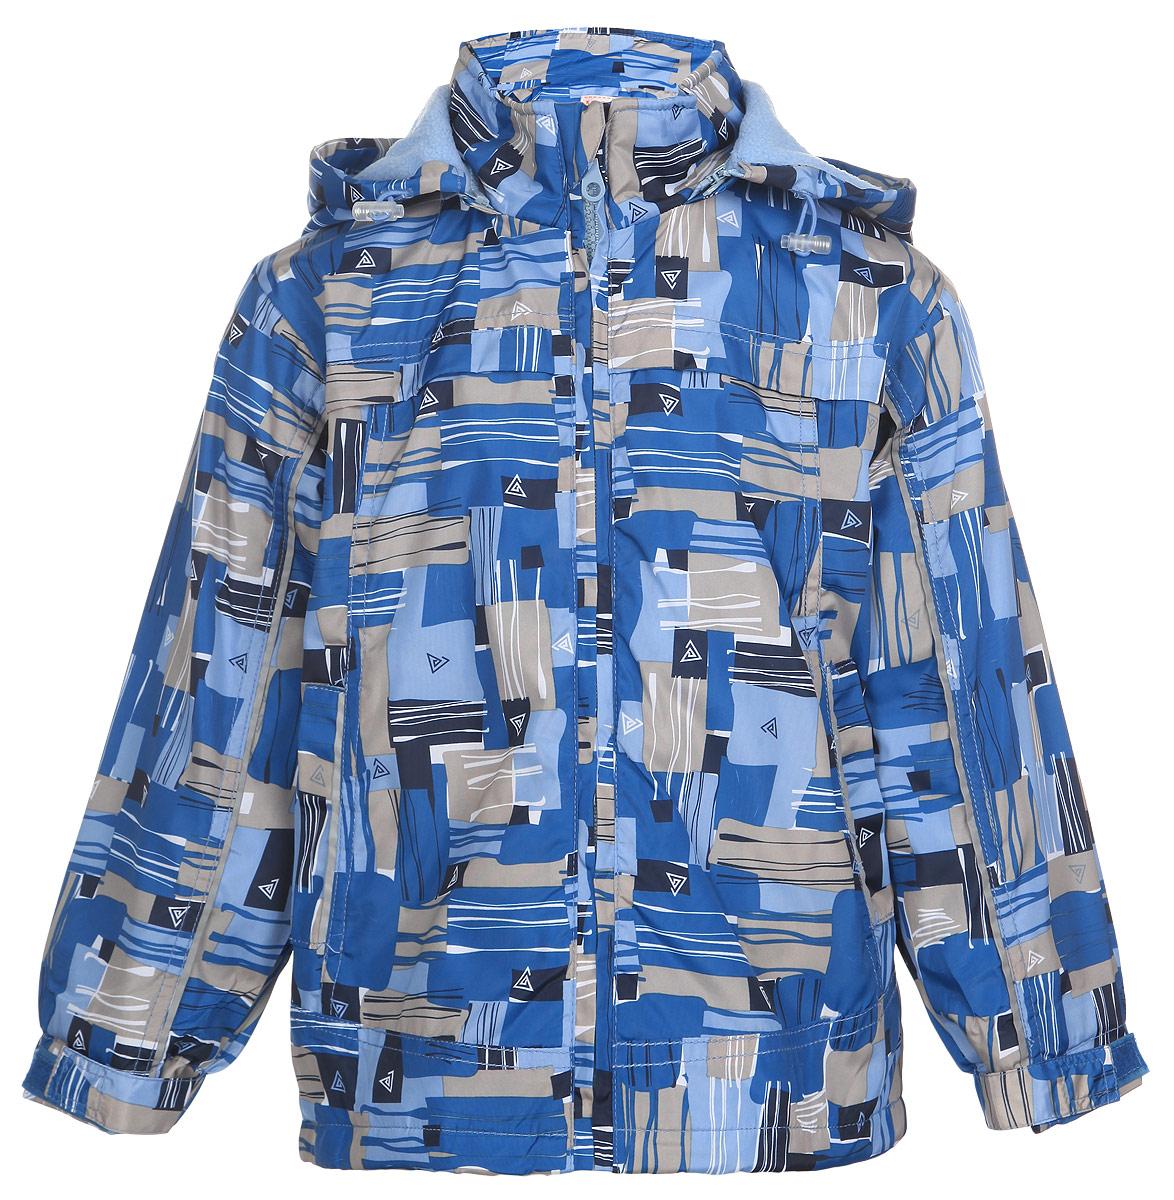 Куртка для мальчика M&D, цвет: голубой, синий, бежевый. 111603R-10. Размер 116111603R-10Легкая куртка для мальчика M&D, изготовленная из полиэстера, идеально подойдет для ребенка в прохладную погоду. Для большего комфорта на подкладке используется мягкий флис, который хорошо сохраняет тепло.Куртка с капюшоном застегивается на пластиковую молнию с защитой подбородка. Капюшон по краю дополнен затягивающимся шнурком со стопперами. Низ рукавов присборен на резинки. Ширину манжет можно регулировать при помощи хлястиков на липучках. Низ куртки оснащен резинкой со стопперами, защищающей от проникновения холодного воздуха. Спереди расположены два втачных кармана. Оформлено изделие оригинальным принтом.Куртка дополнена светоотражающими элементами для безопасности ребенка в темное время суток.Комфортная, удобная и практичная куртка идеально подойдет для прогулок и игр на свежем воздухе!